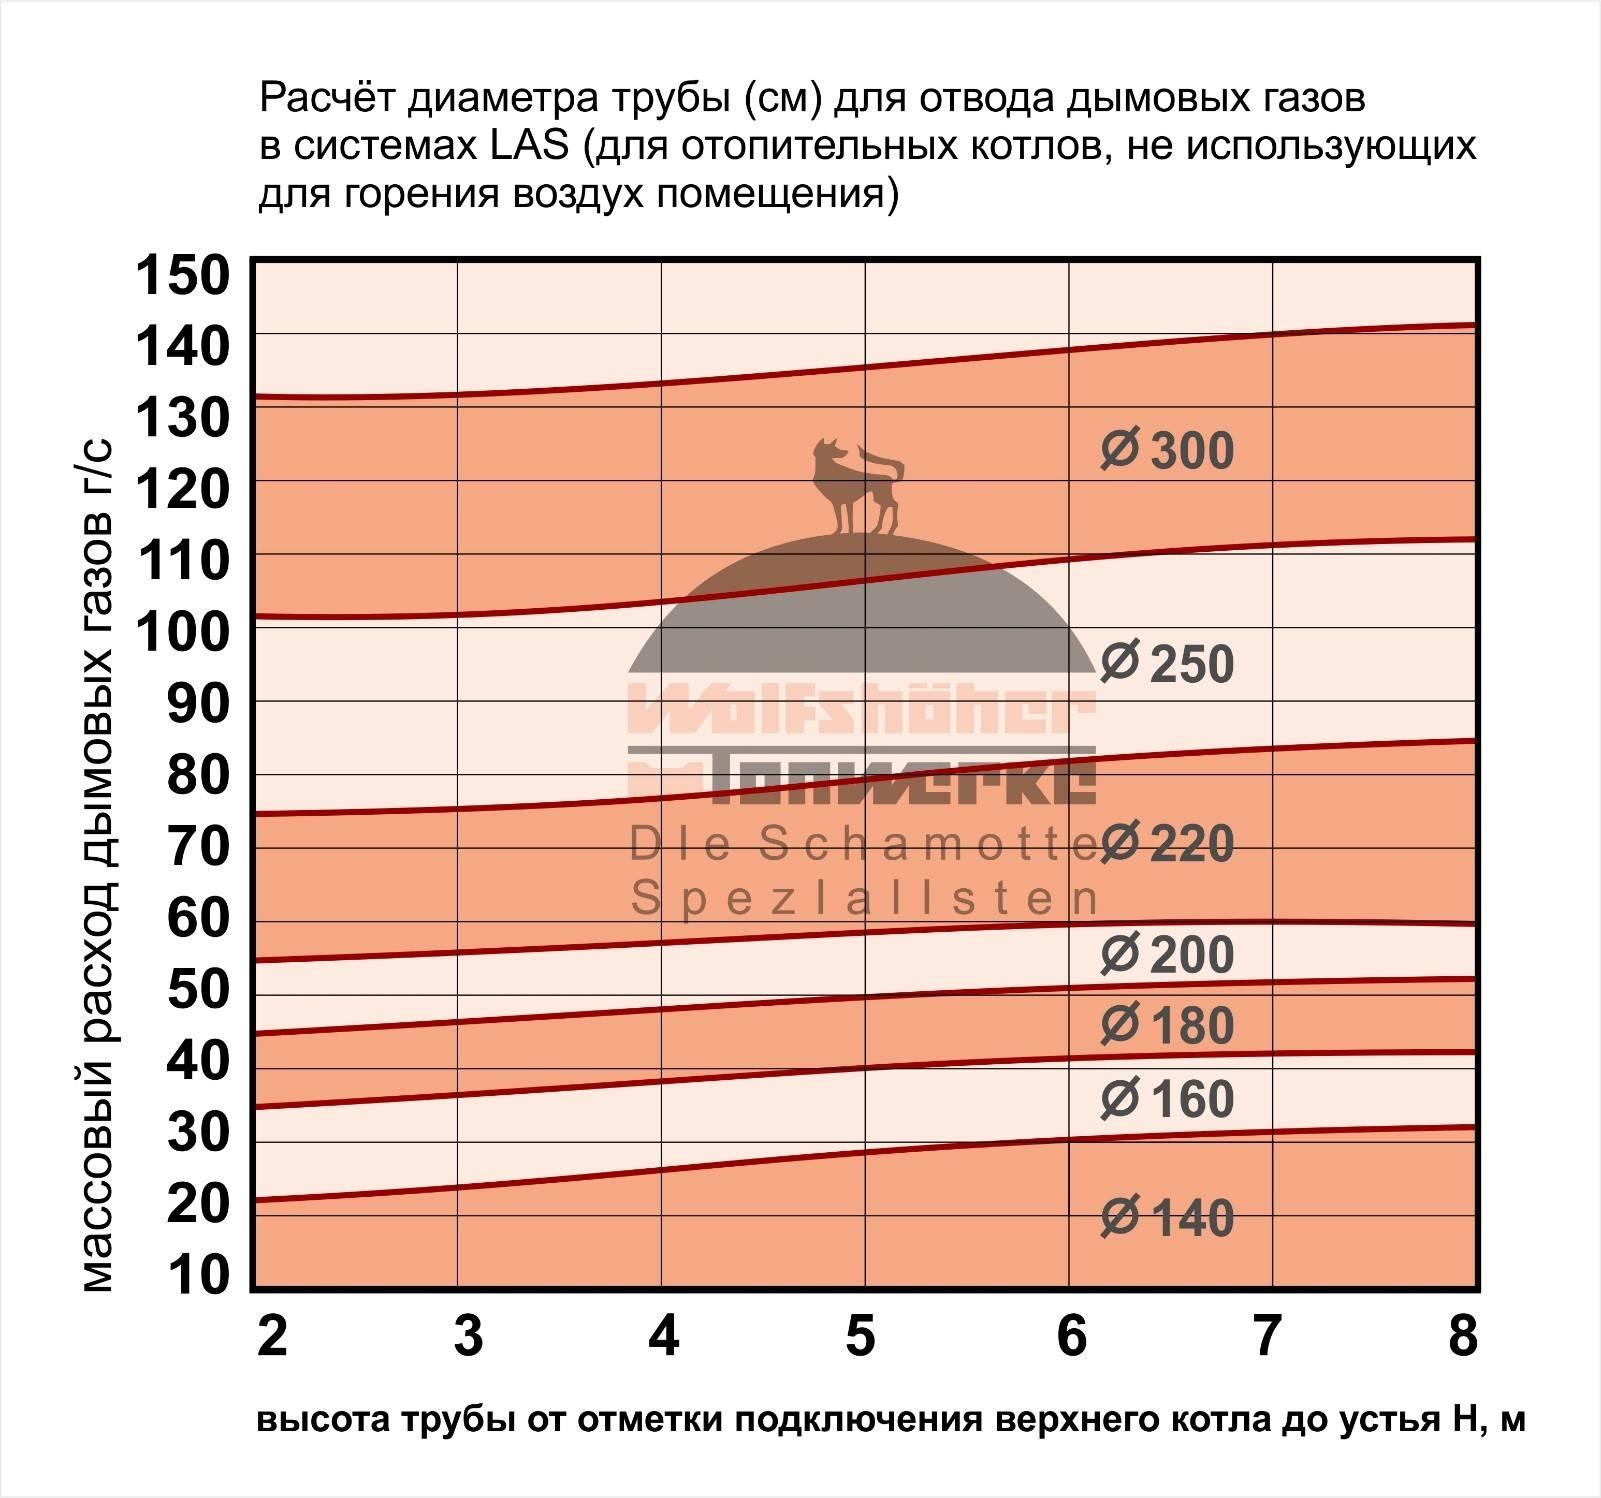 Дымоход для газового котла: рассчитаем и определим размер